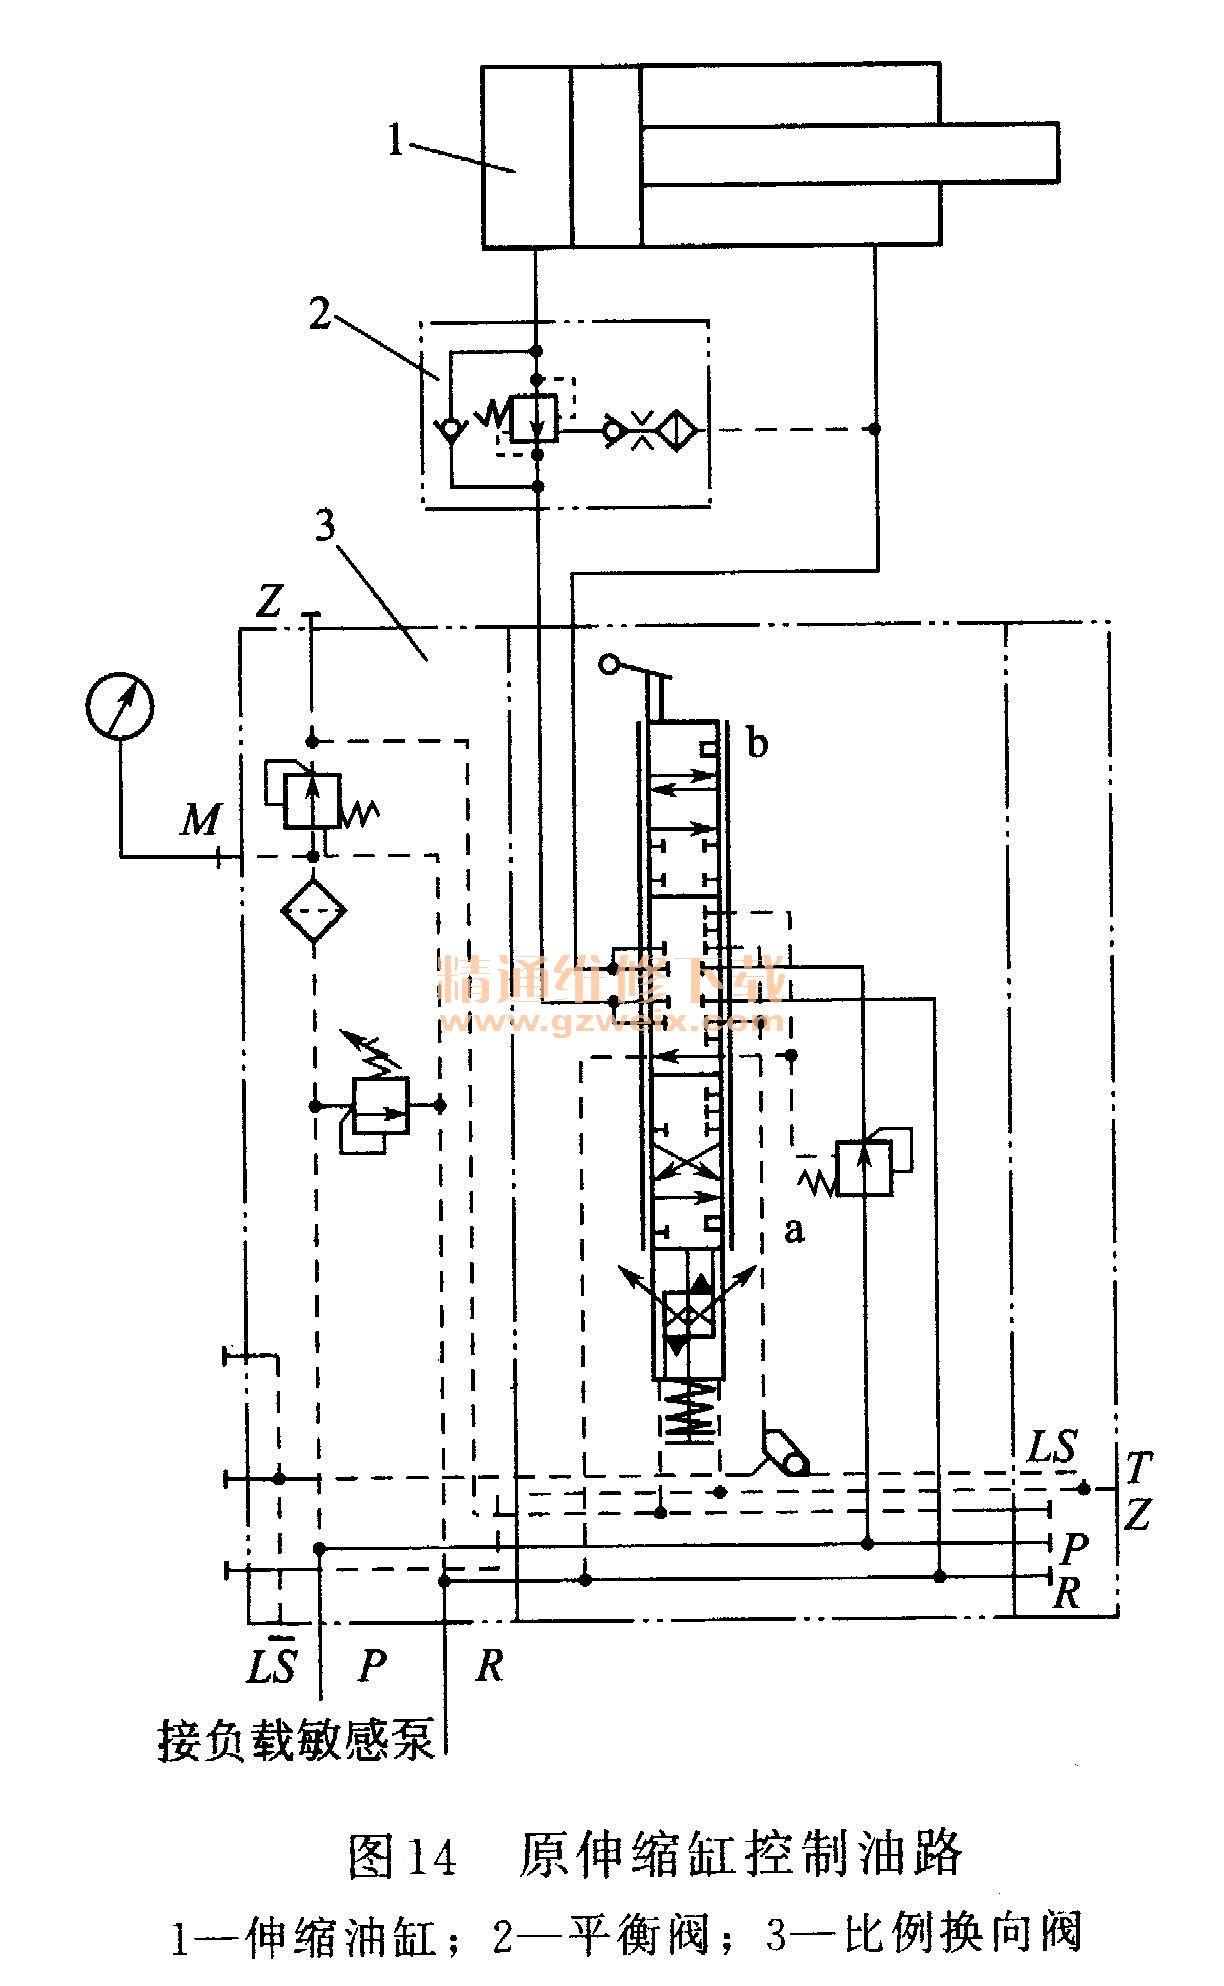 由于外伸时伸缩油缸的缸筒始终承受压力,所以设计时采用单向平衡阀2图片